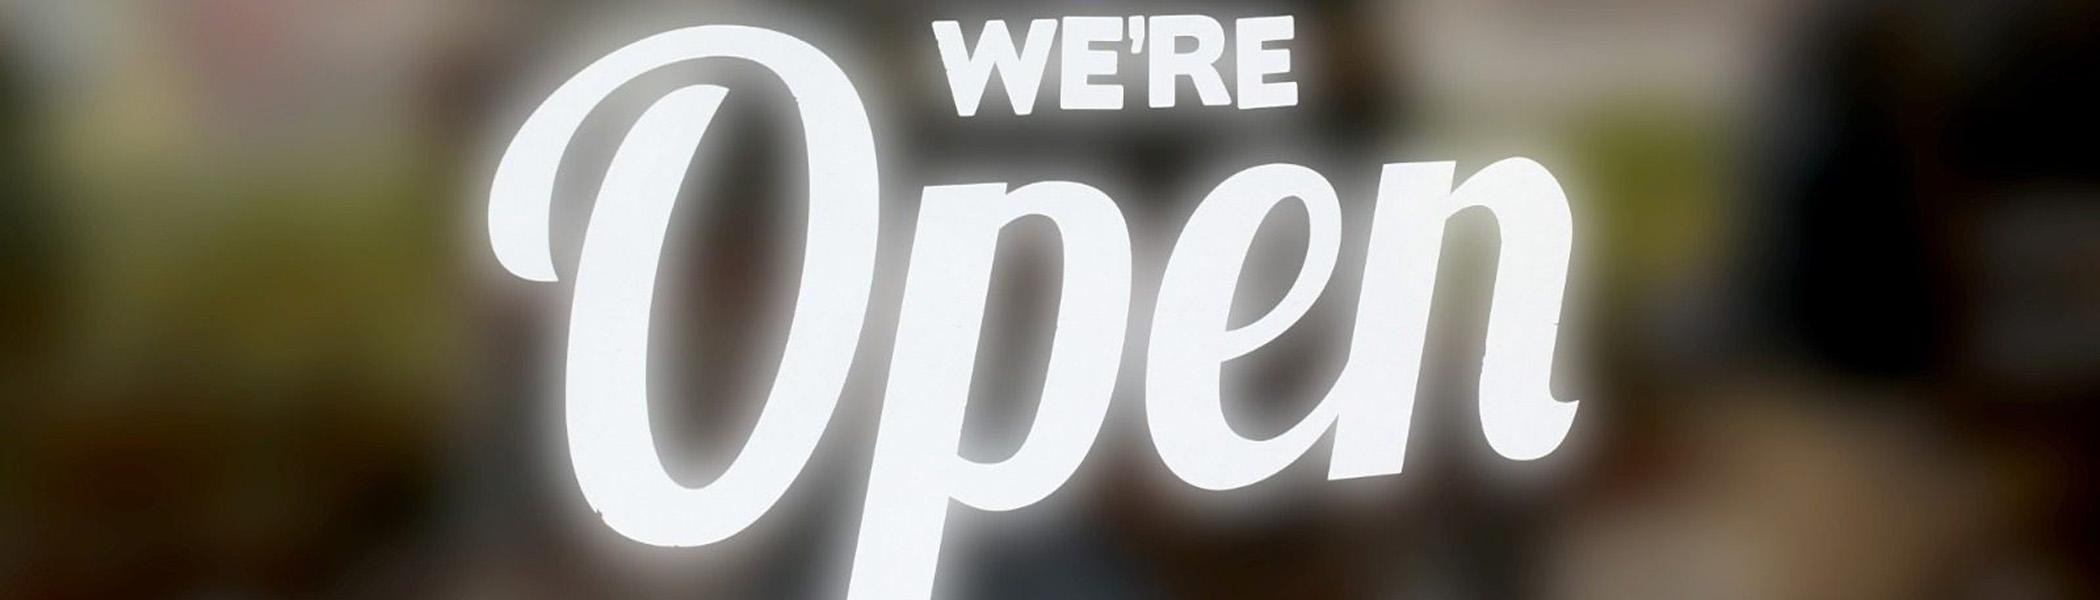 Vale We're Open